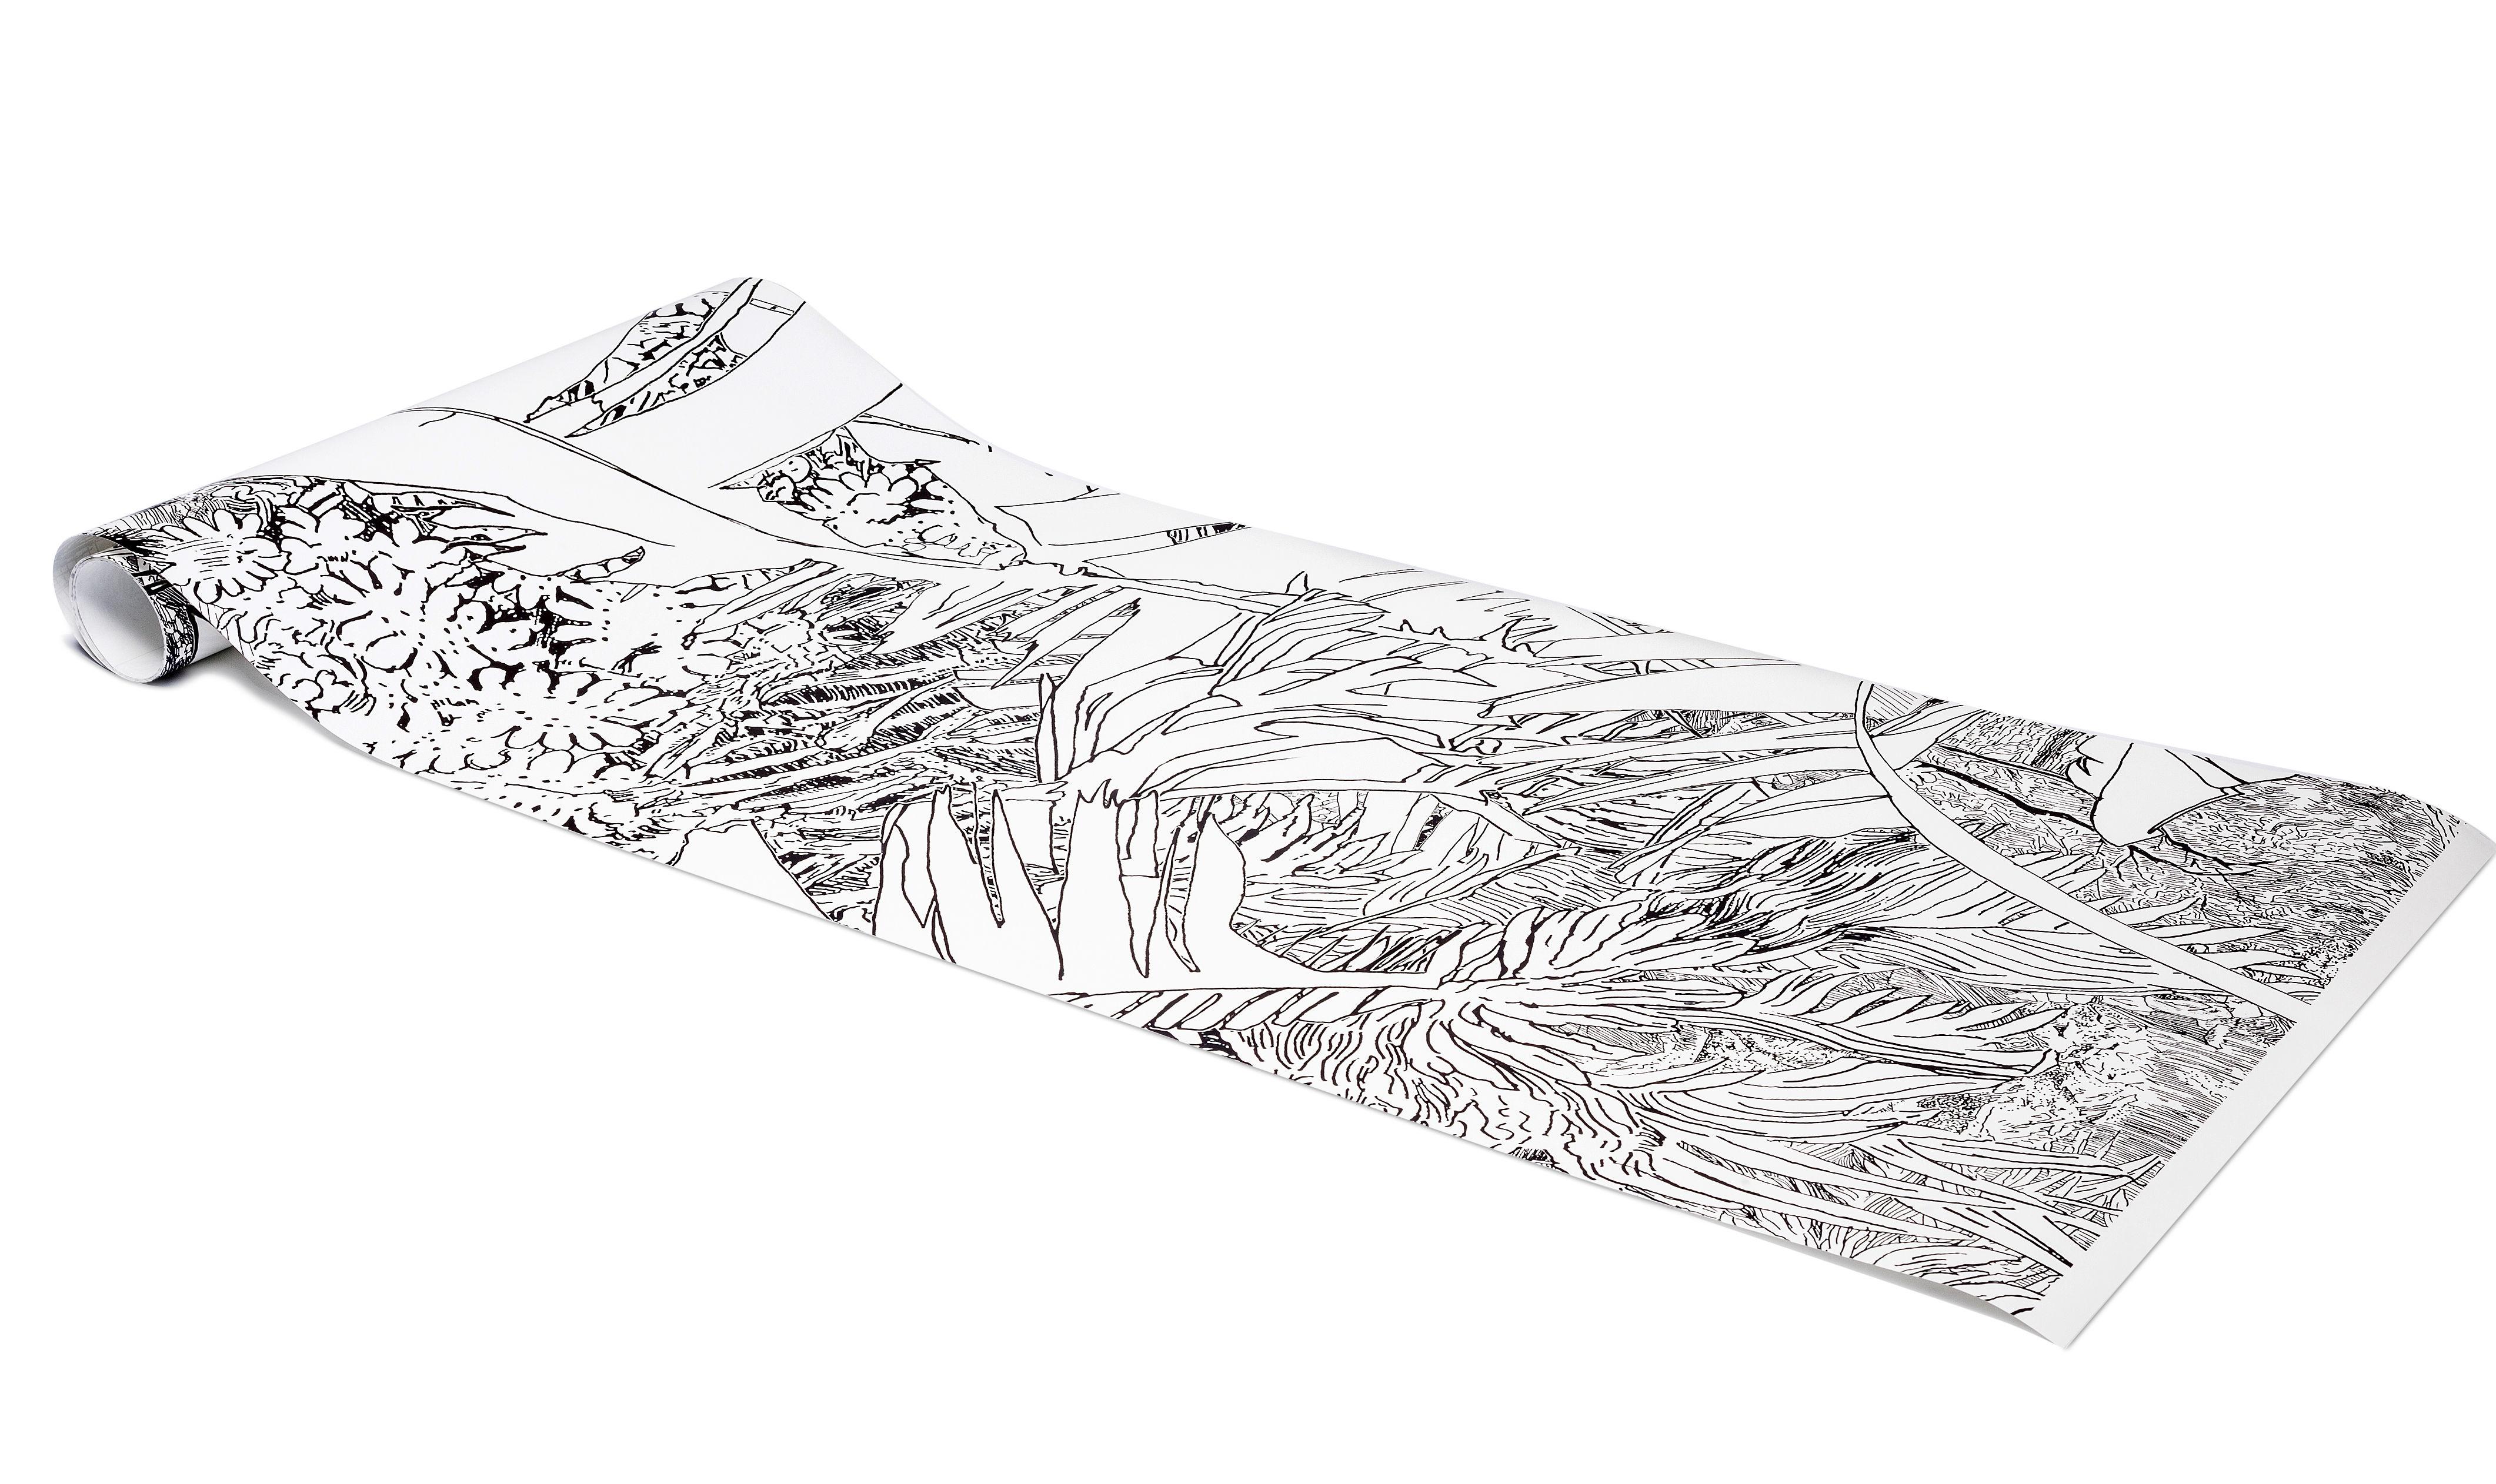 Papier peint jungle 2 1 rouleau larg 48 cm noir fond blanc petite friture - Dimension rouleau papier peint ...